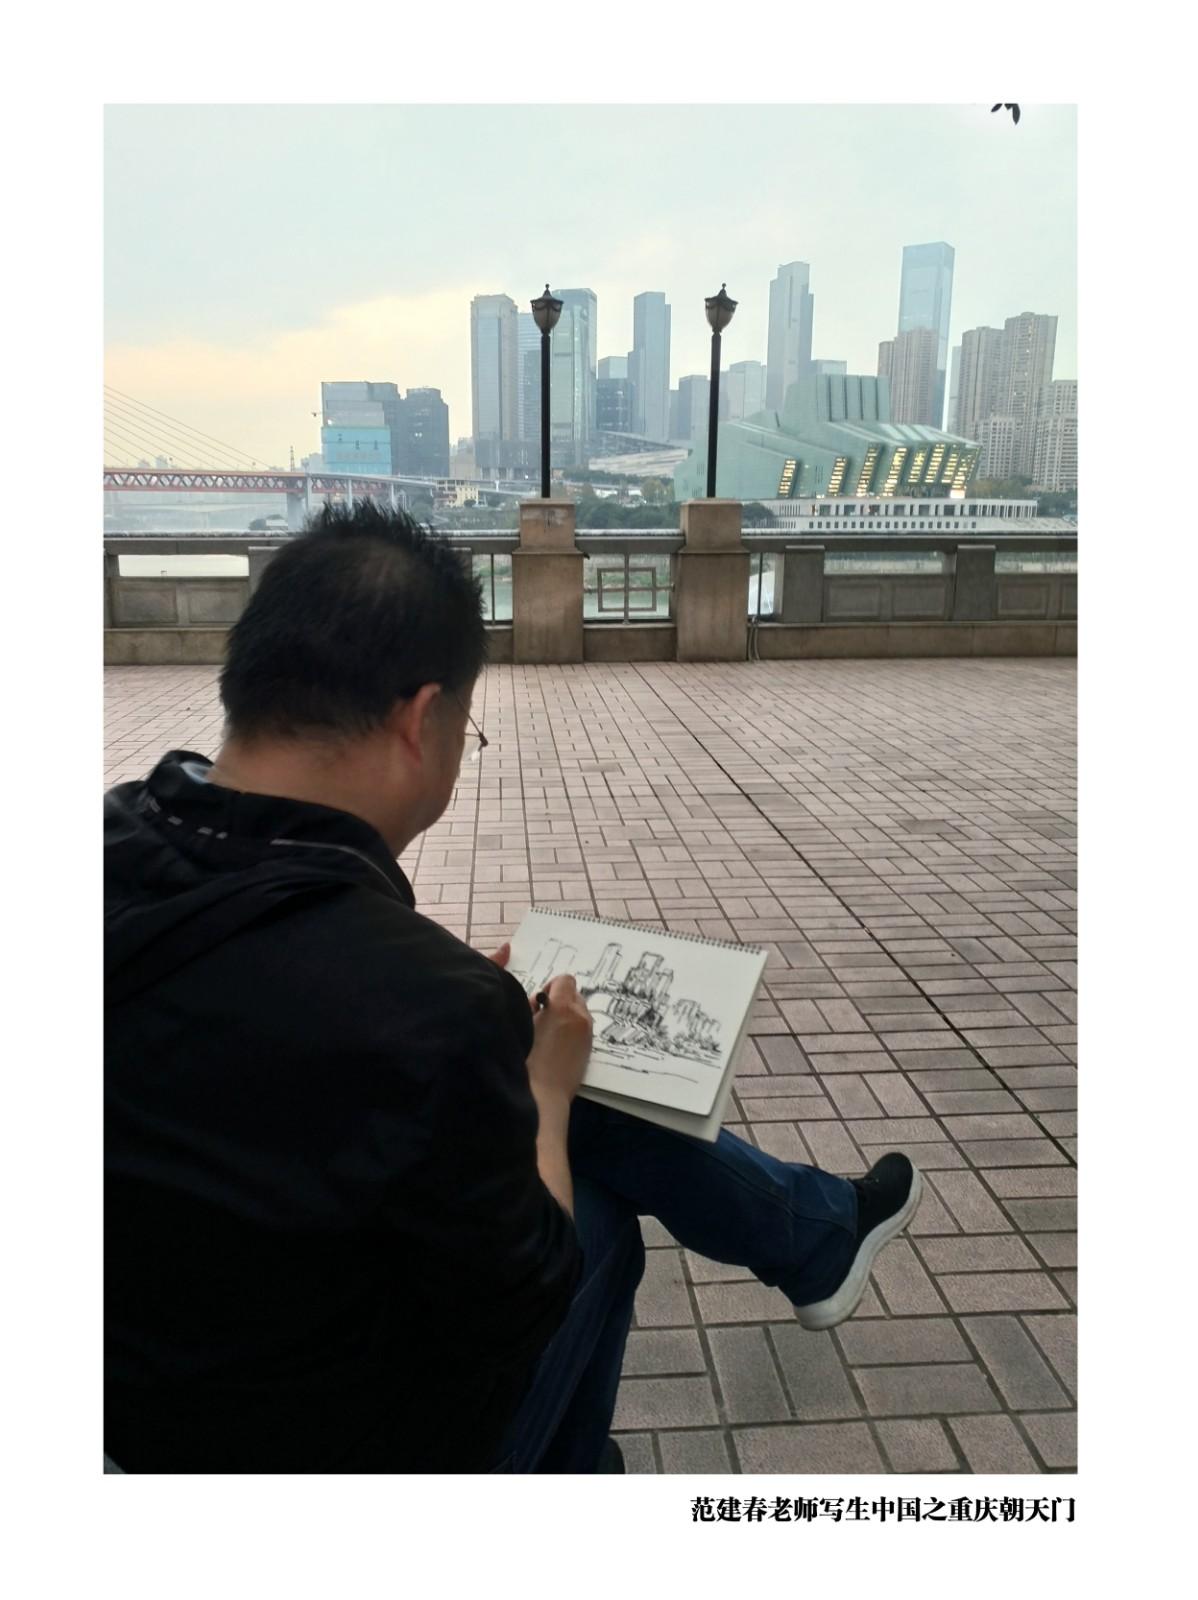 范建春老师写生中国之山城重庆_图1-7